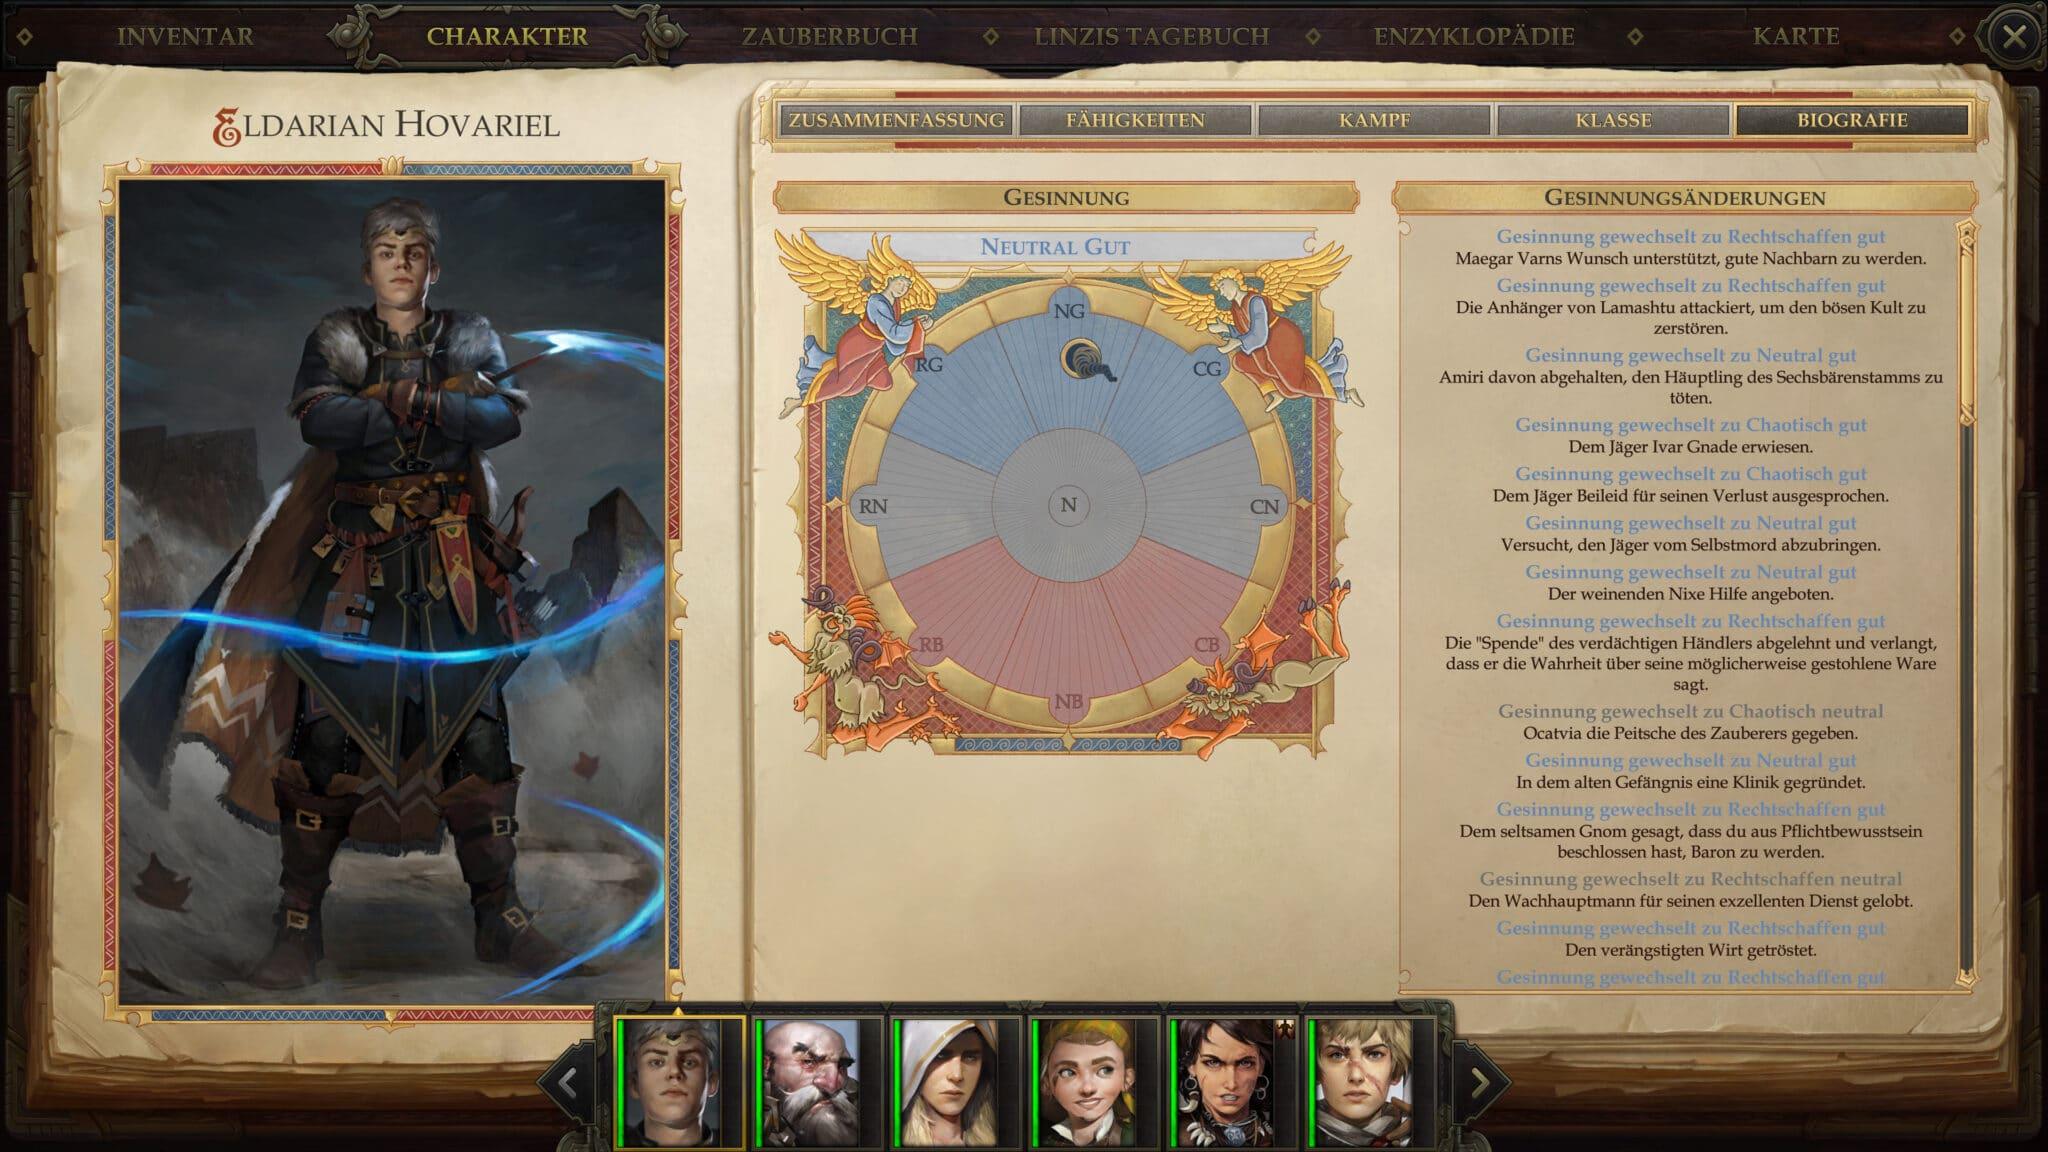 Die Gesinnung unserer Helden und ihre Veränderung können wir in der Biografie verfolgen. © Owlcat Games